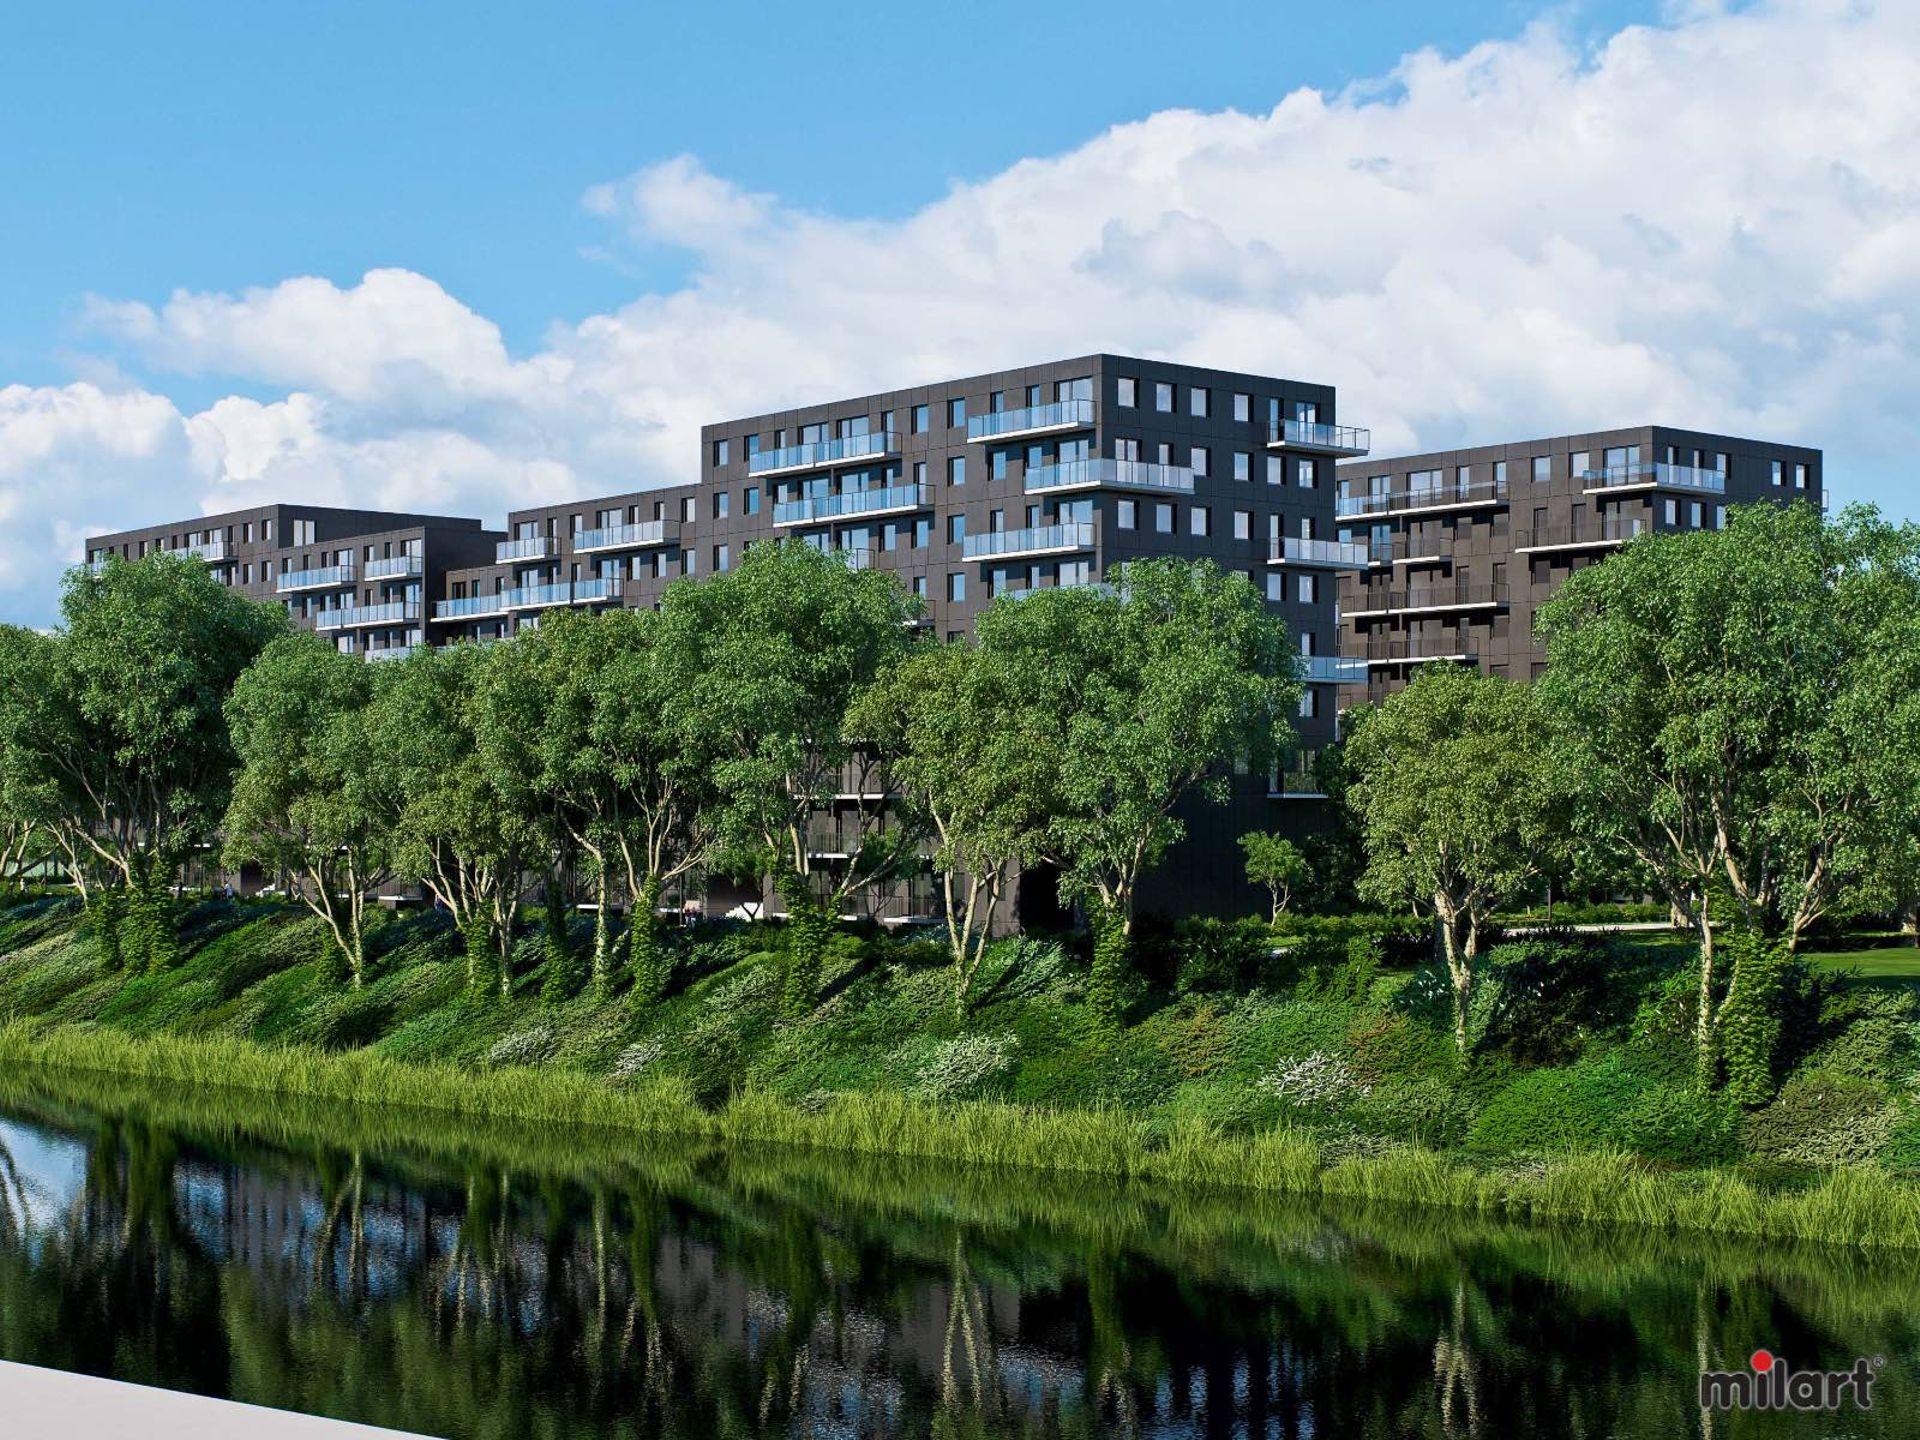 Wrocław: Kępa Mieszczańska – Milart buduje prawie 500 mieszkań i blisko 600 miejsc parkingowych na Nadodrzu